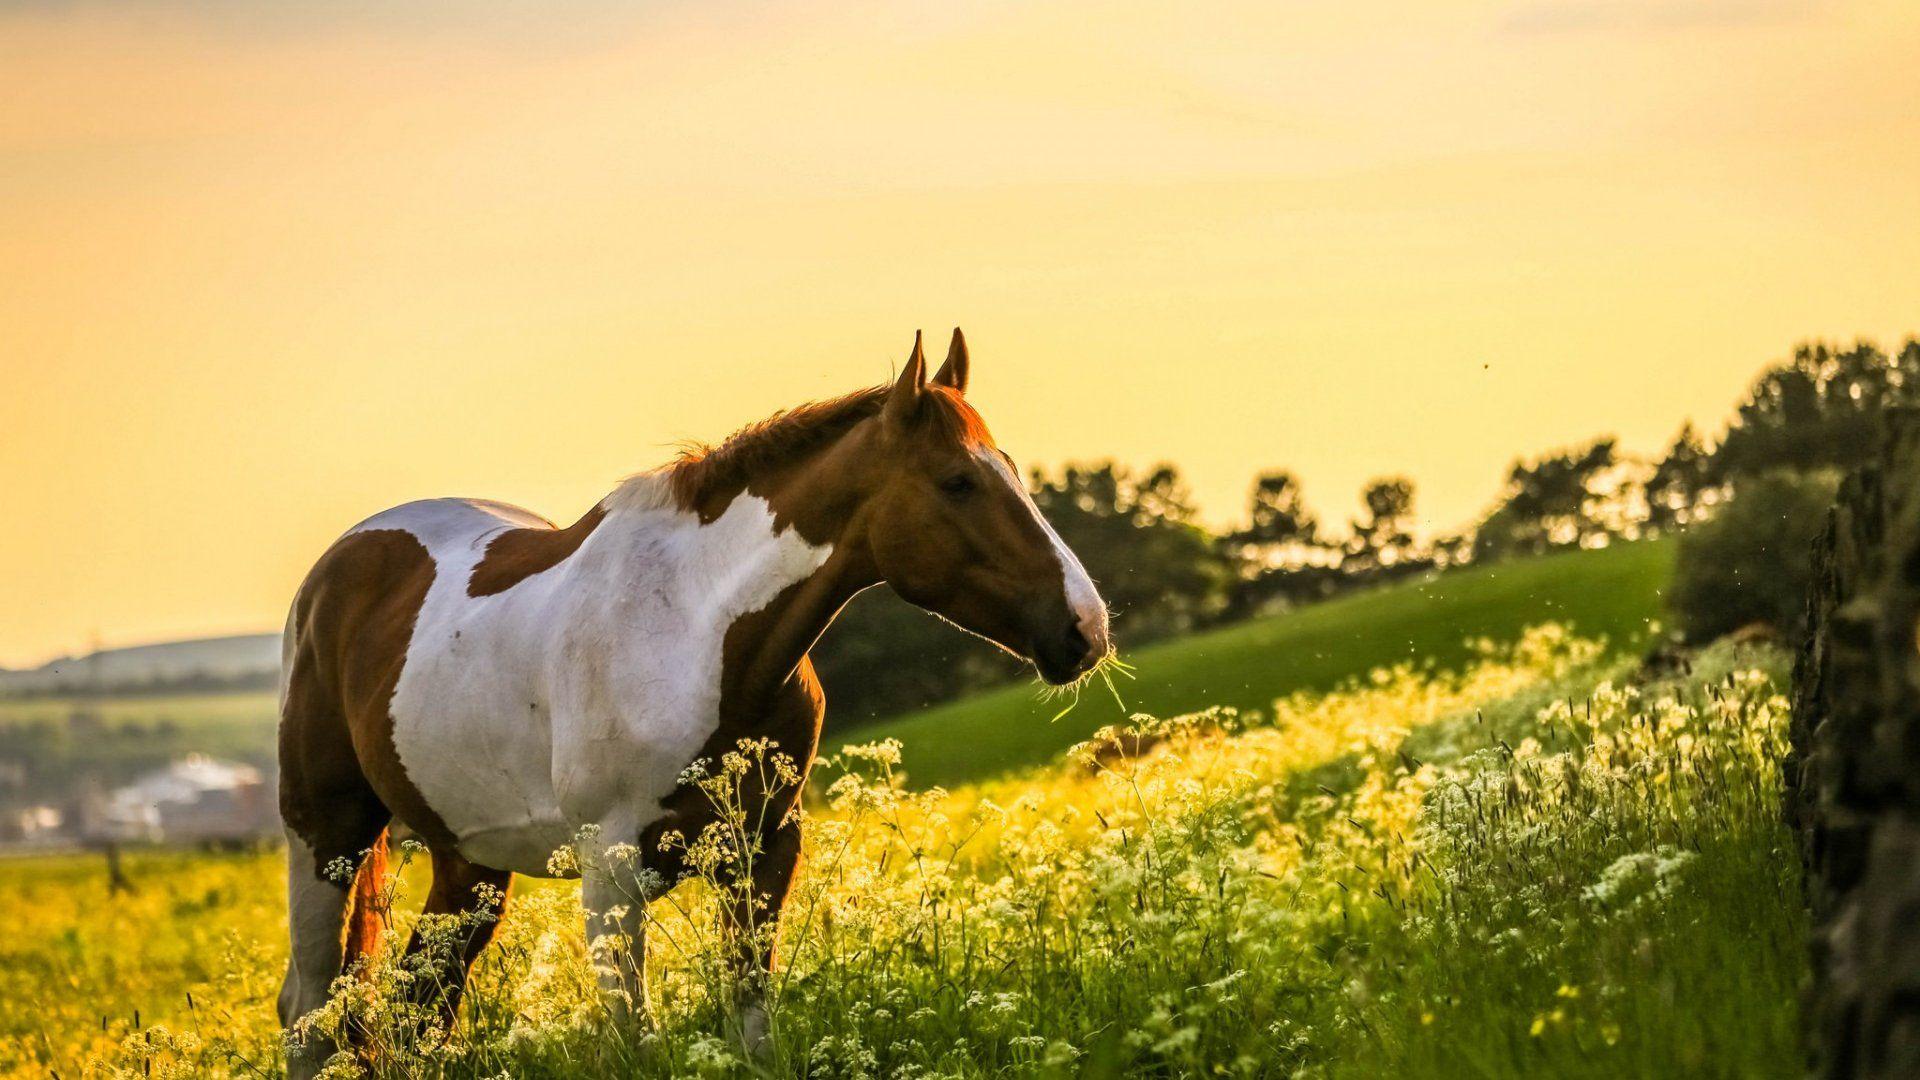 Фото и картинки лошадей: лучшее в 2020 г   Лошадь обои ...